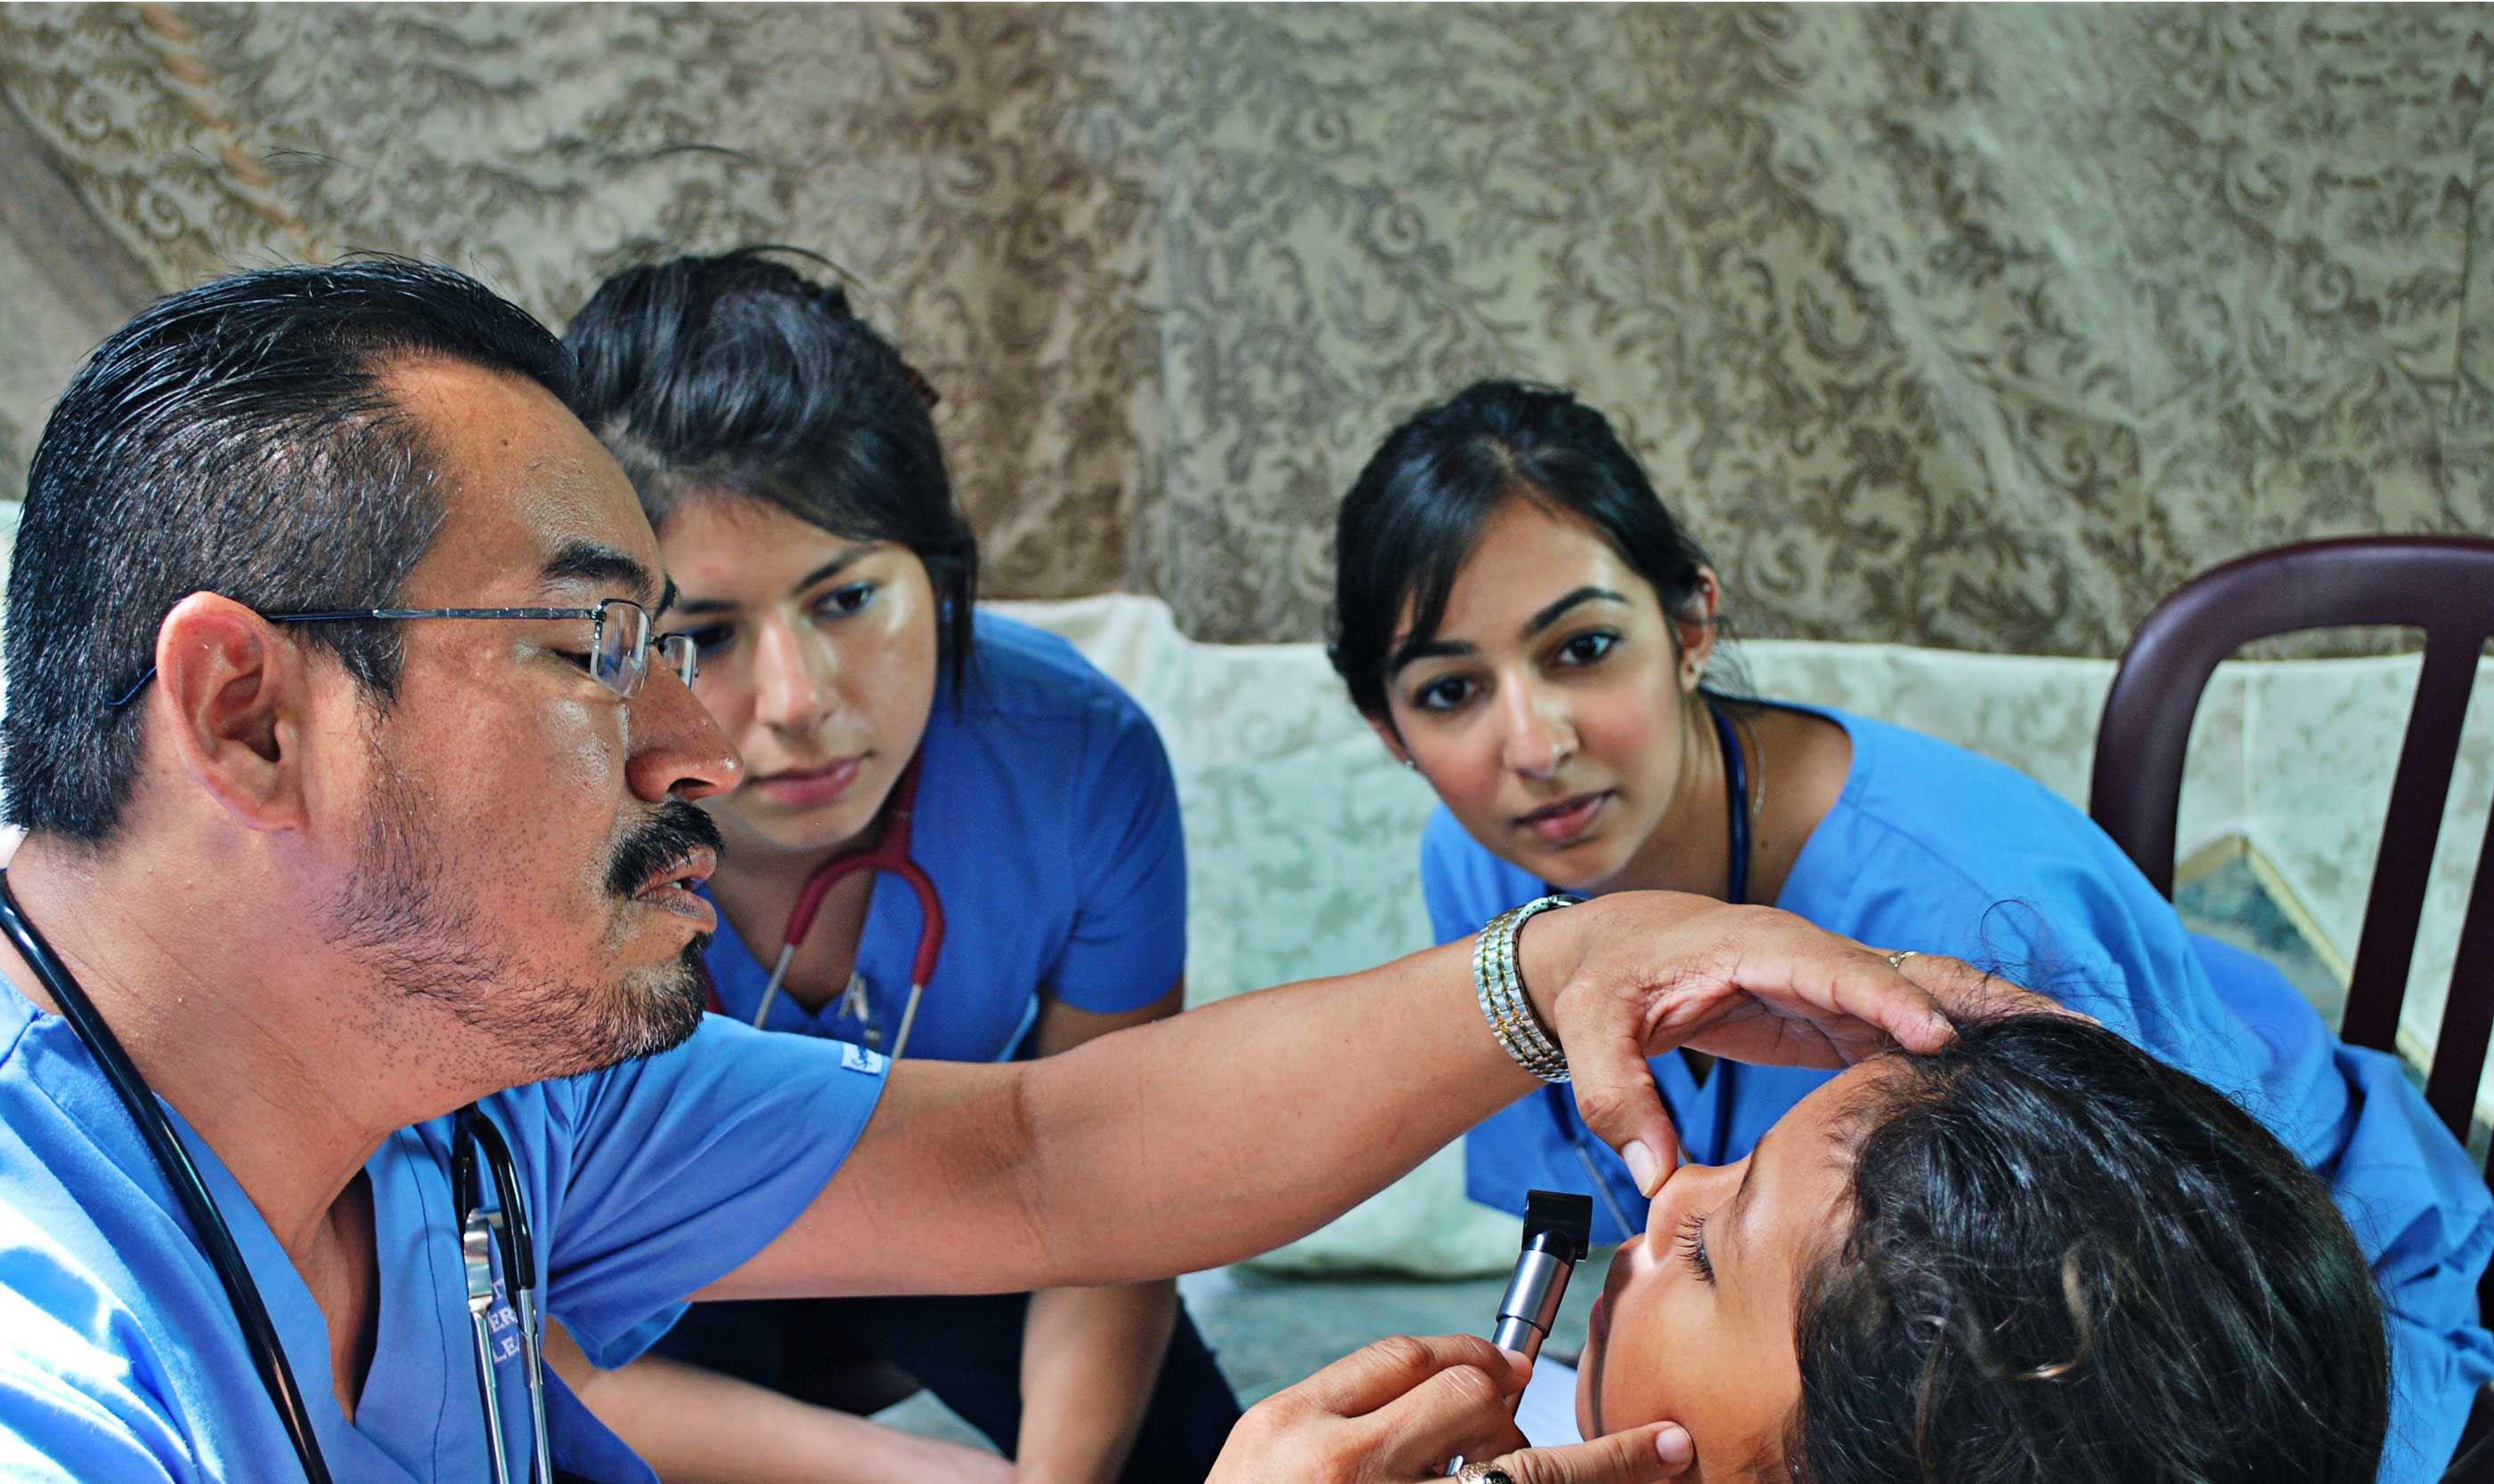 Belize international service learning online medical